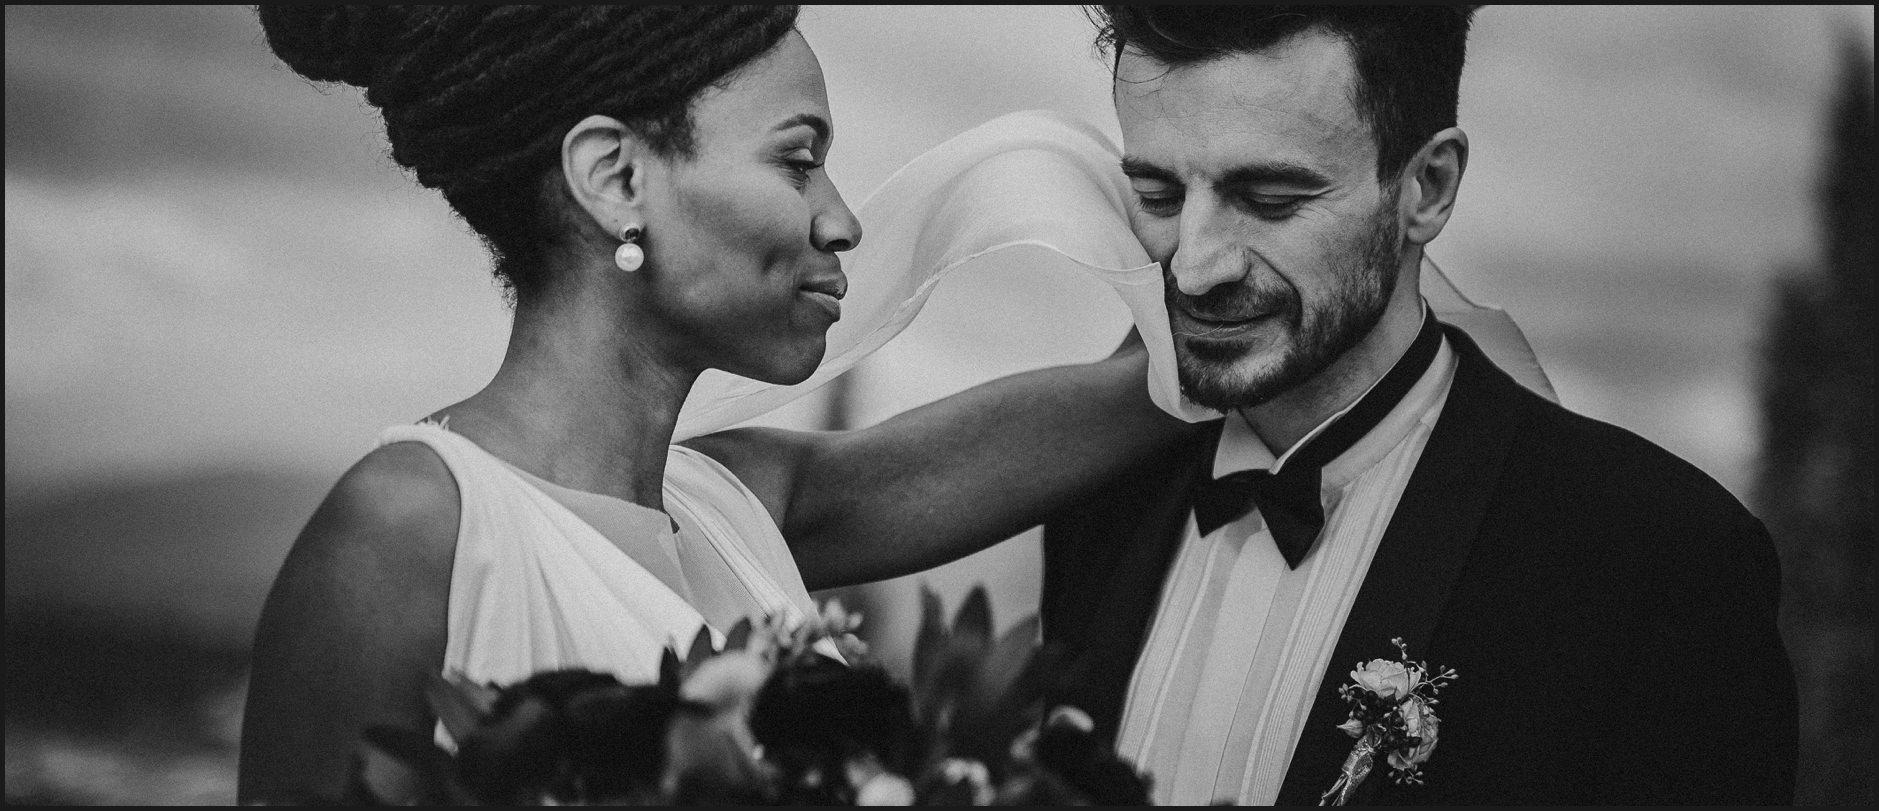 bride, groom, villa medicea di lilliano, wedding, tuscany, portrait, intimate, wind, black and white